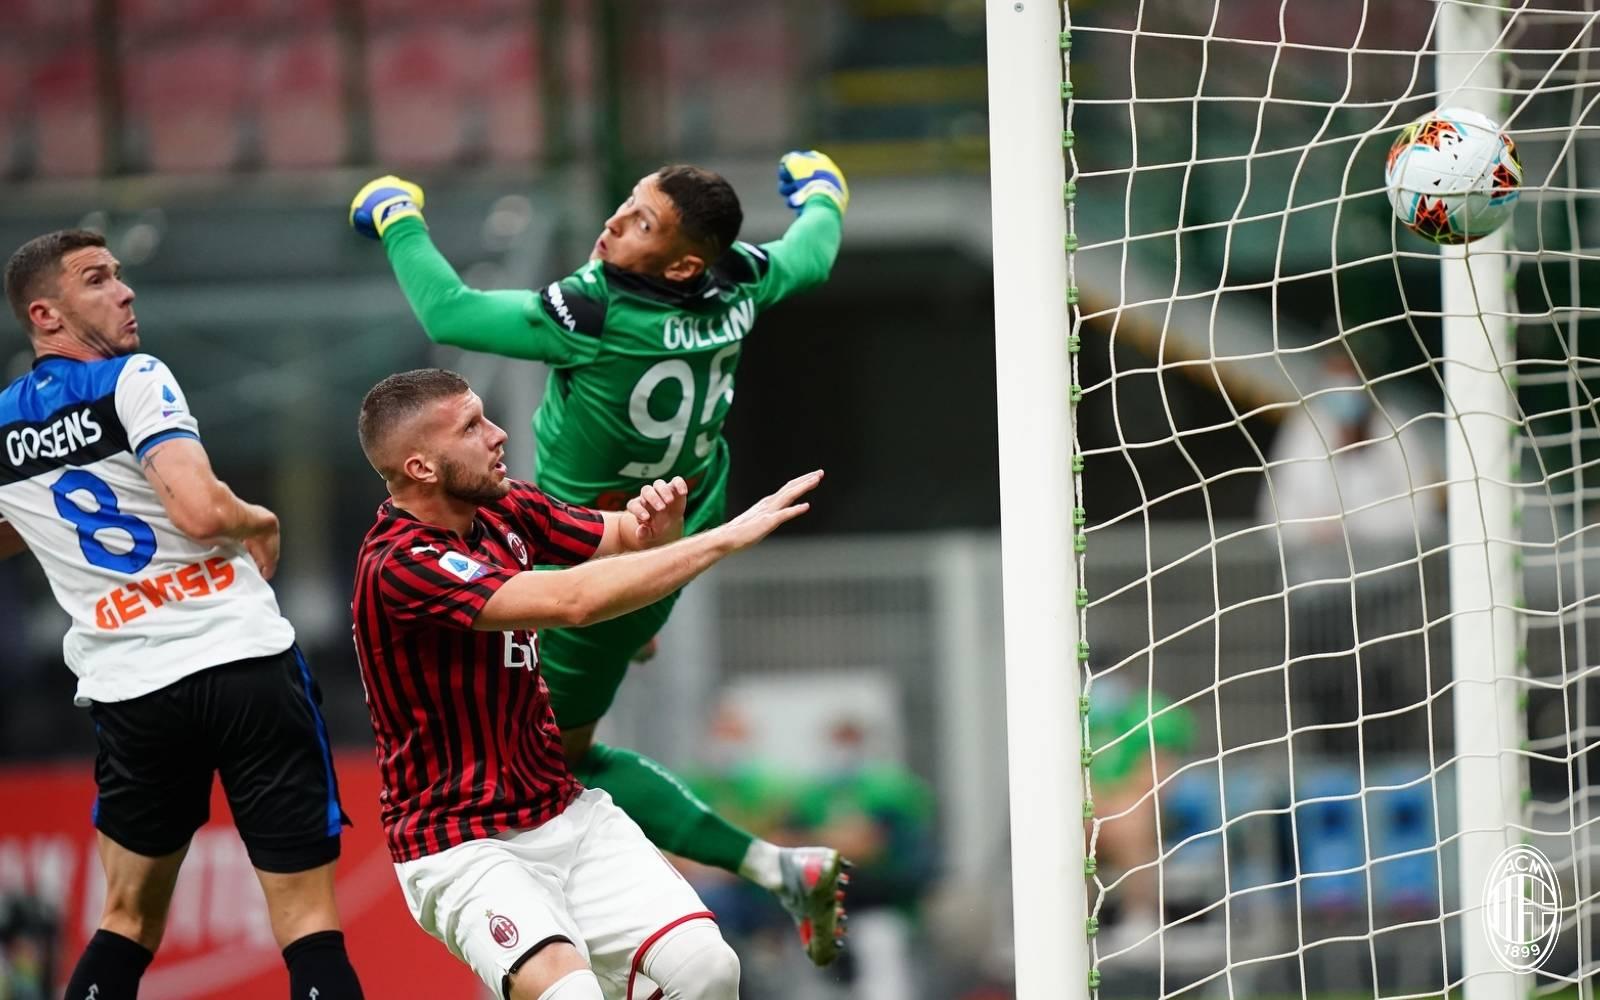 Равенство между Милан и Аталаната, силните им серии продължават 1